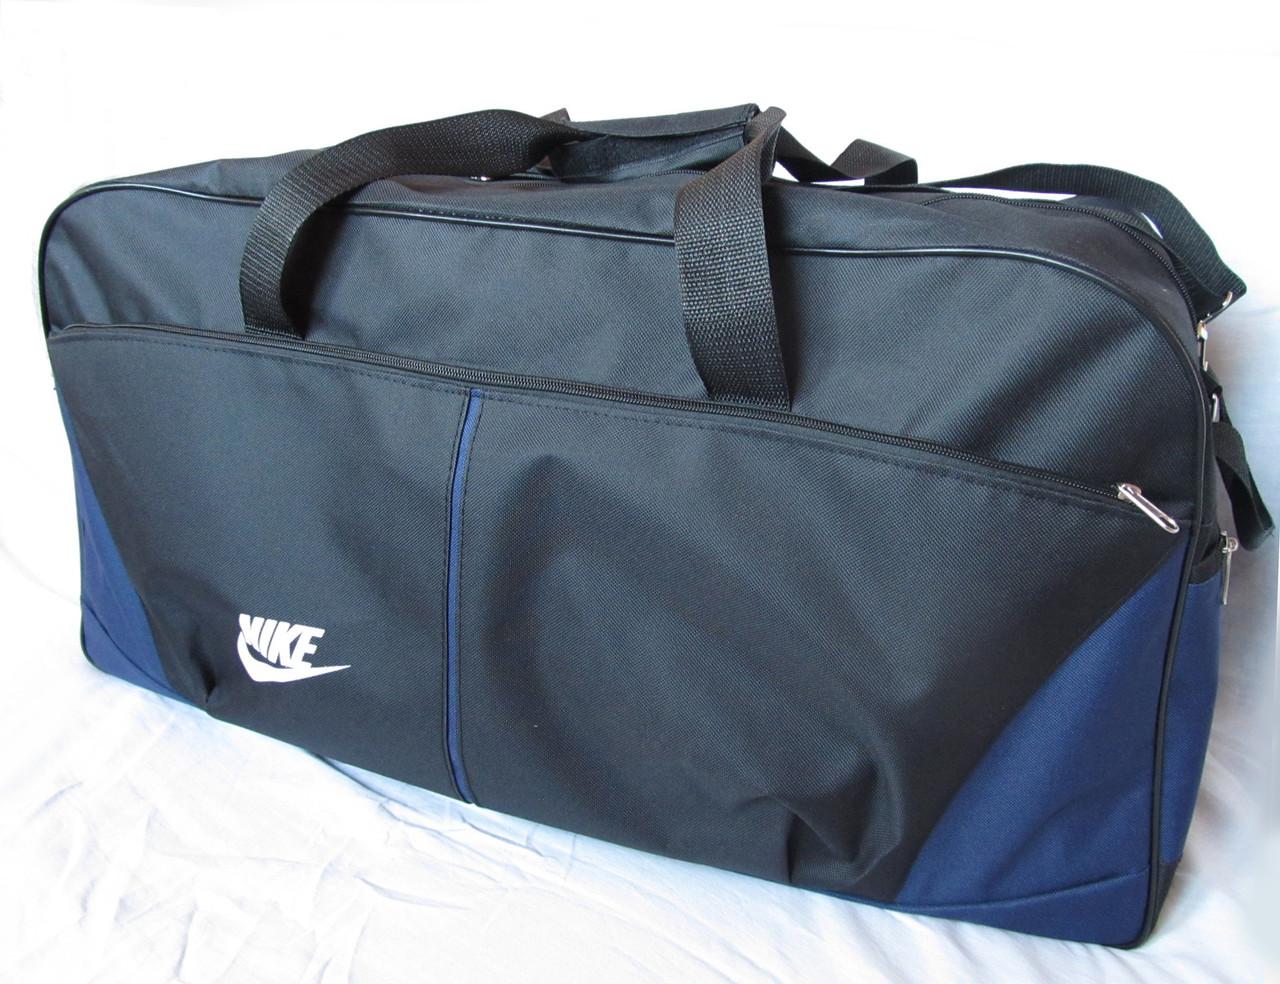 75d786c7489f Дорожная сумка через плечо спортивная Найк 120-2 черная с синим 69см 72л